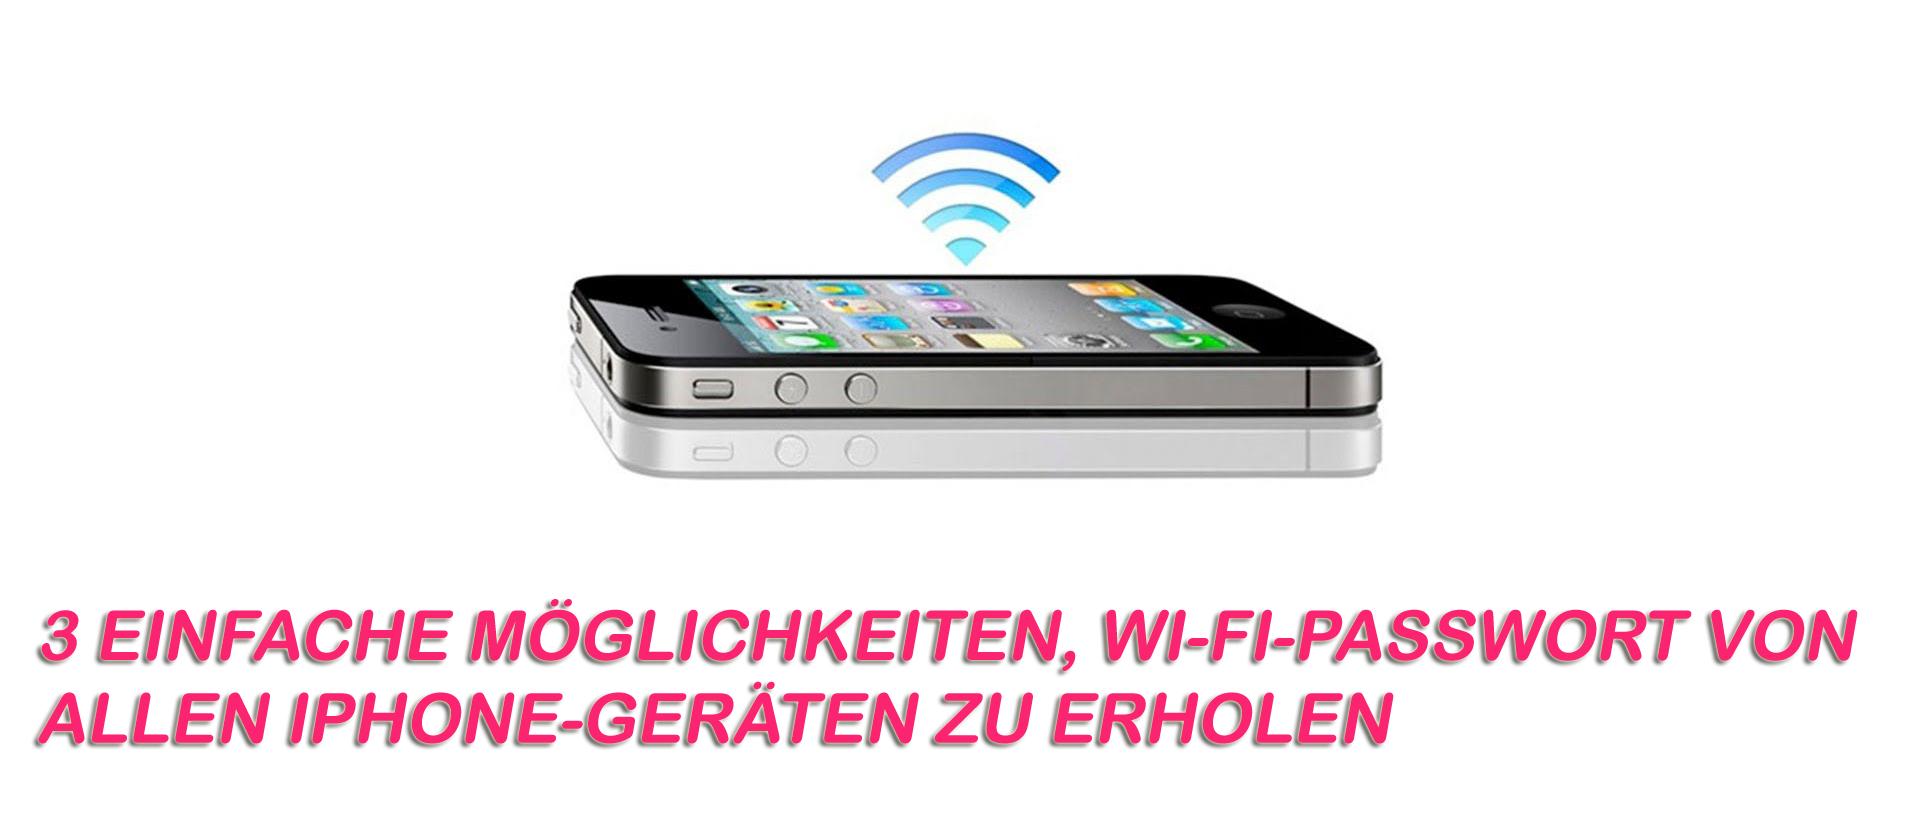 3 einfache Möglichkeiten, Wi-Fi-Passwort von allen iPhone-Geräten zu erholen